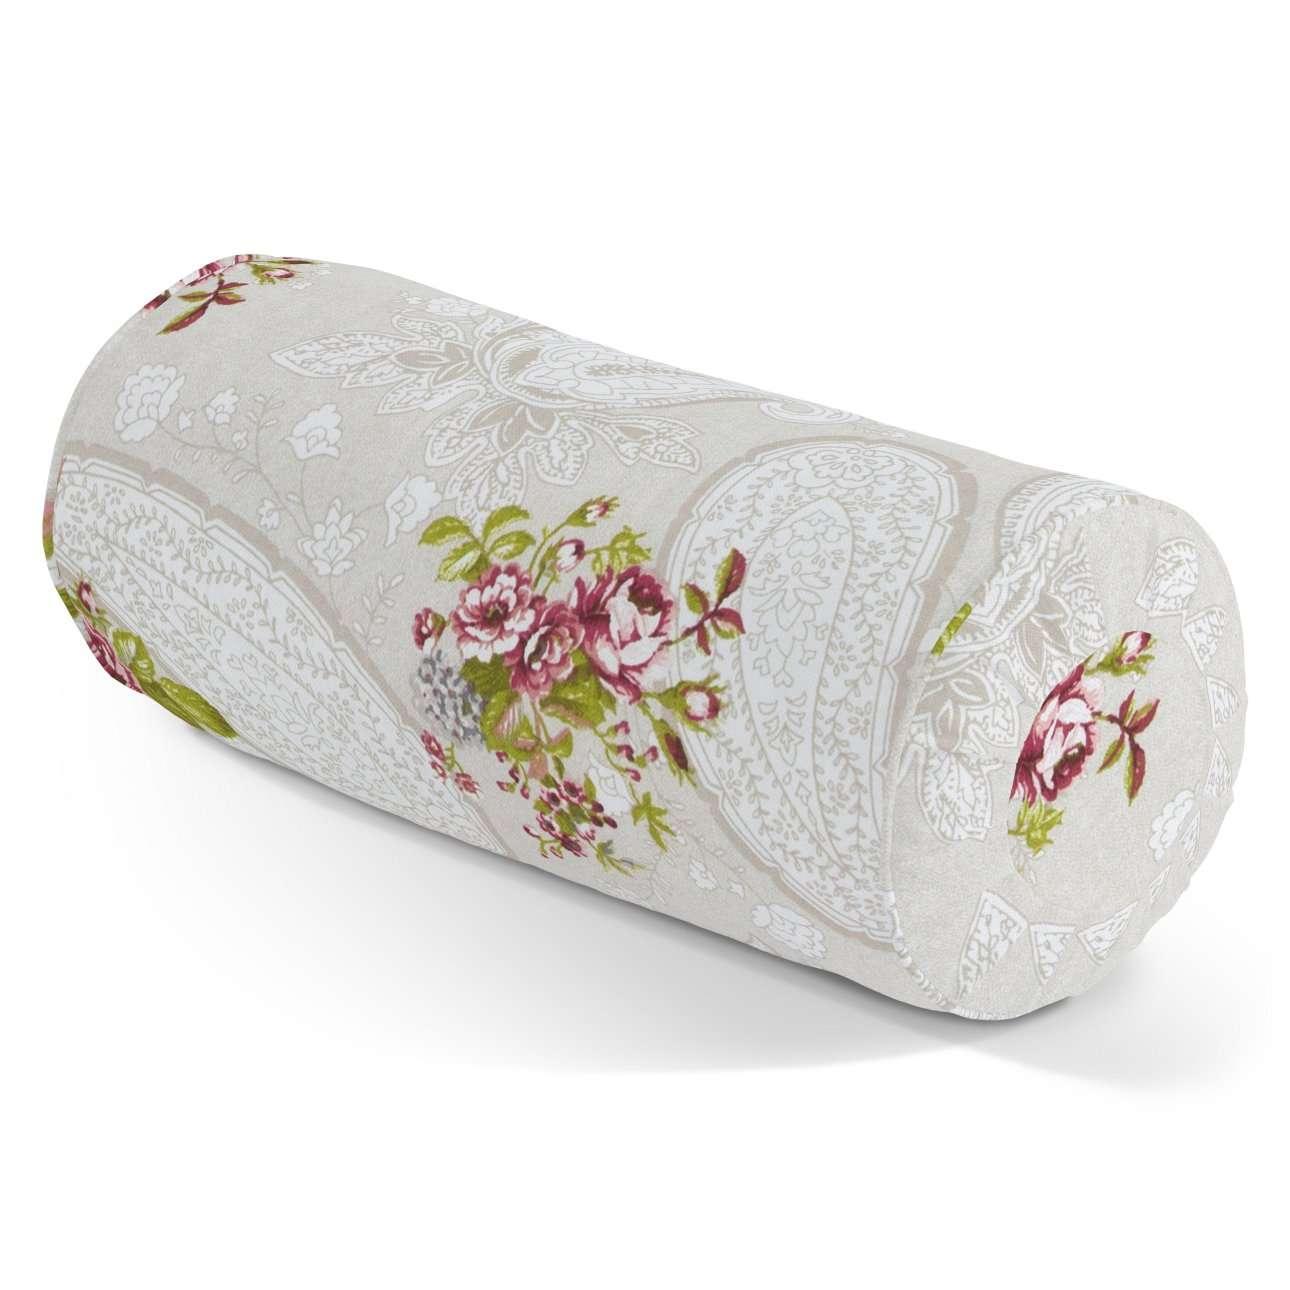 Poduszka wałek z zakładkami w kolekcji Flowers, tkanina: 311-15